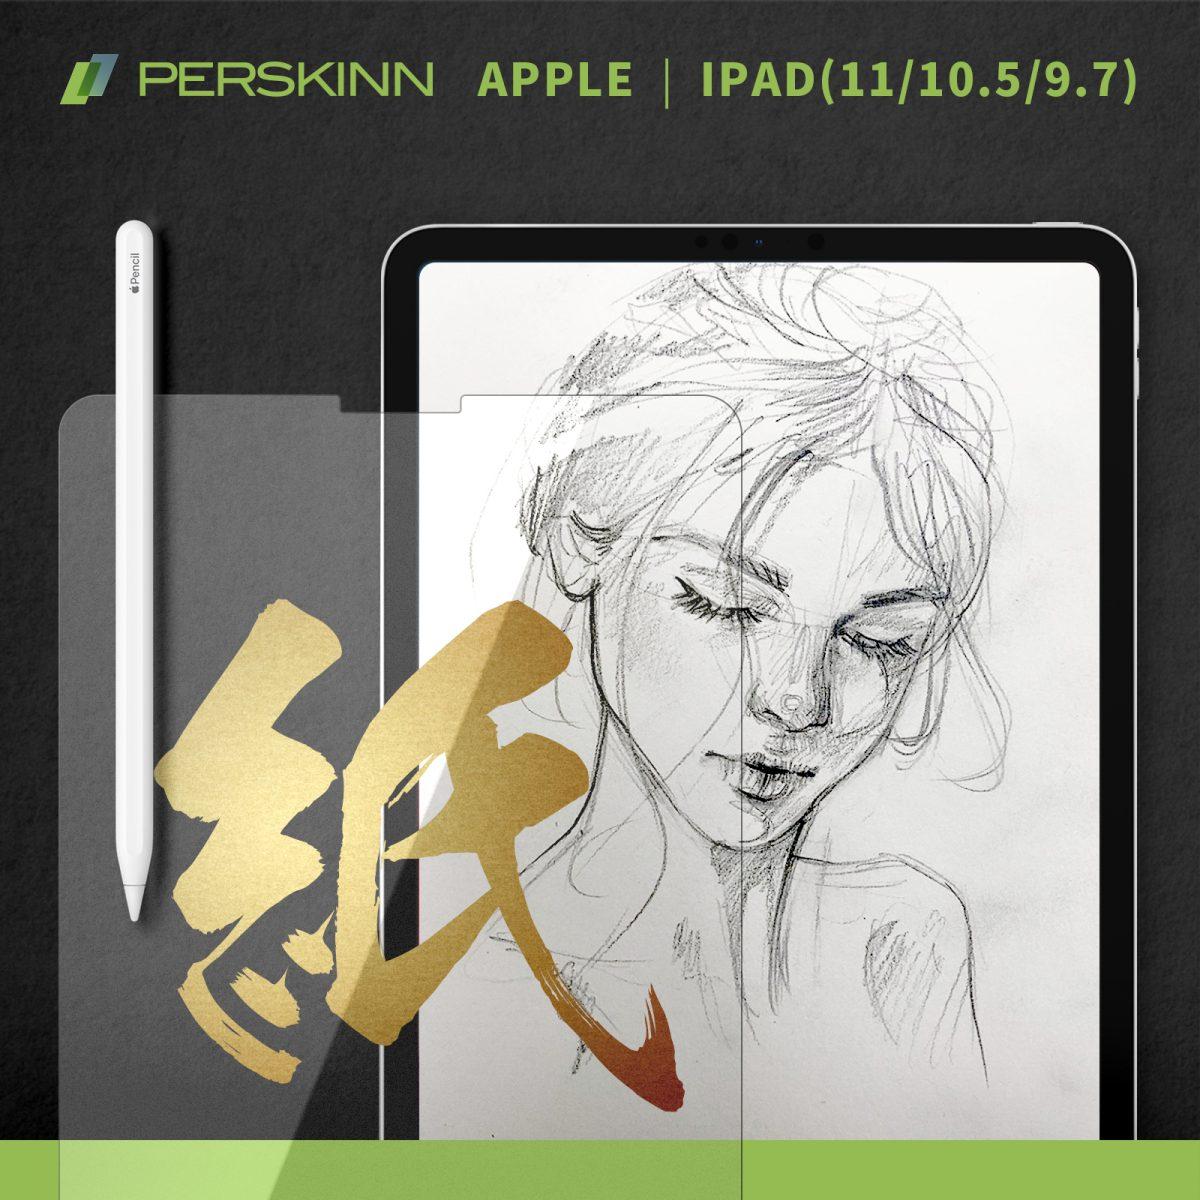 超紙感主張,Apple Pencil 專用手寫類紙膜,服貼於 iPad 上的手寫紙感!